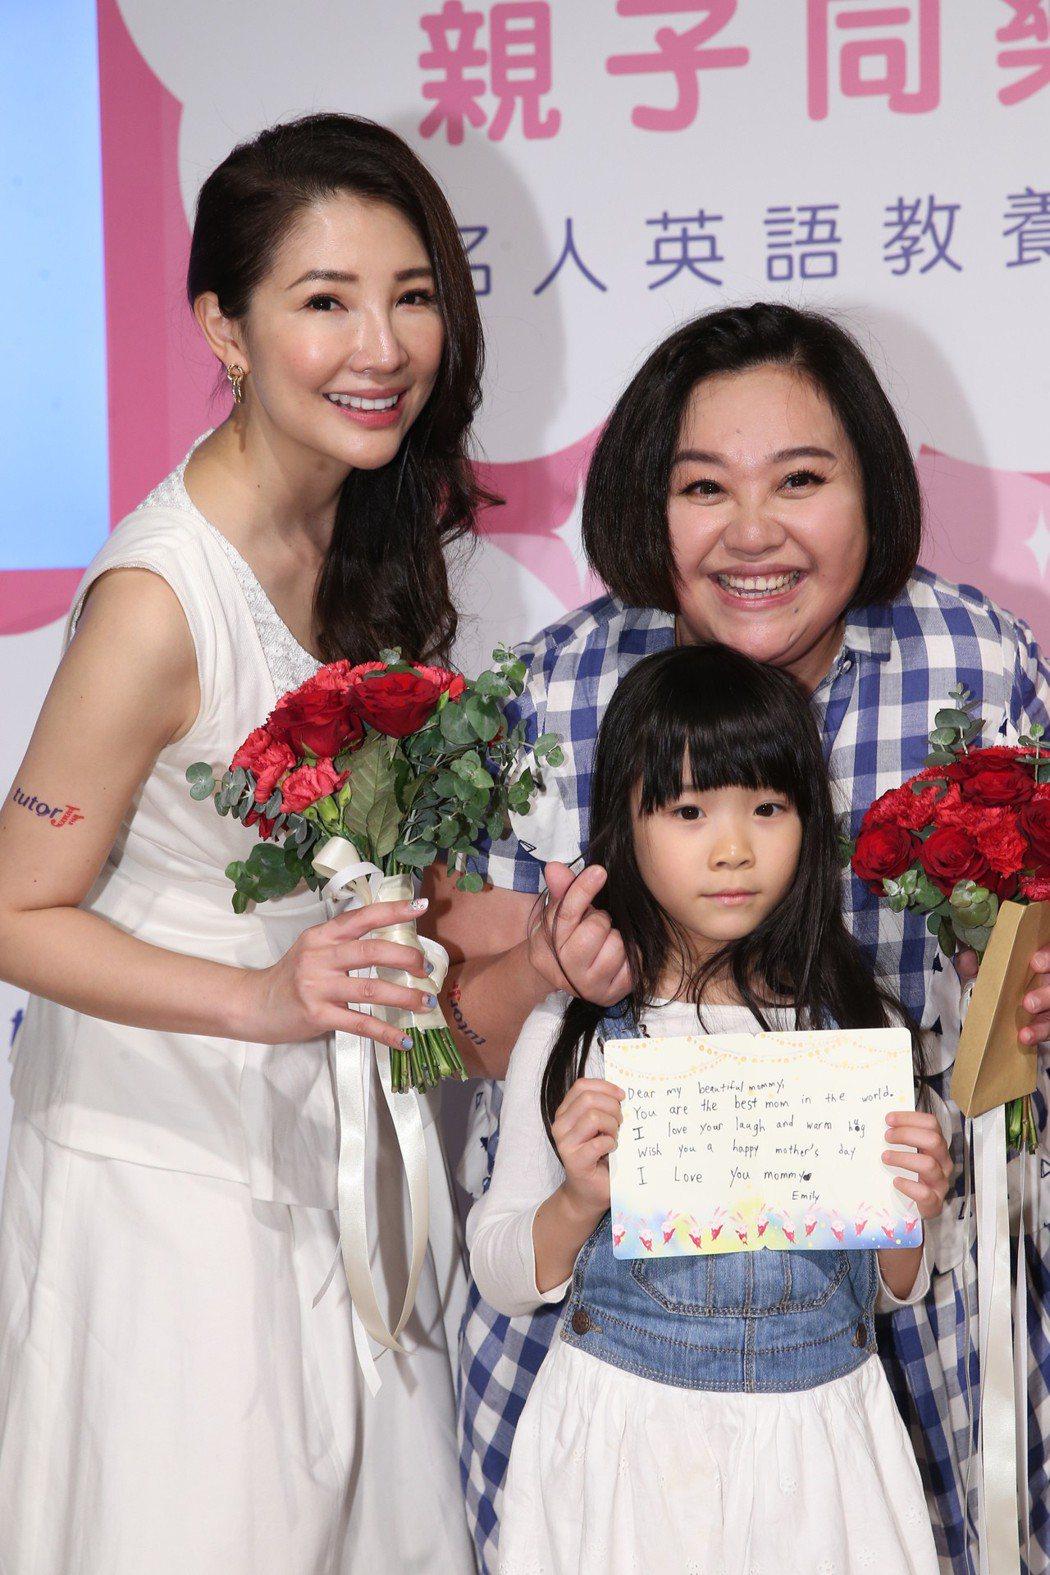 林書煒(左)和鍾欣凌(右)4日出席「名人親子教養密技講座」,鍾欣凌的女兒兔寶突然...